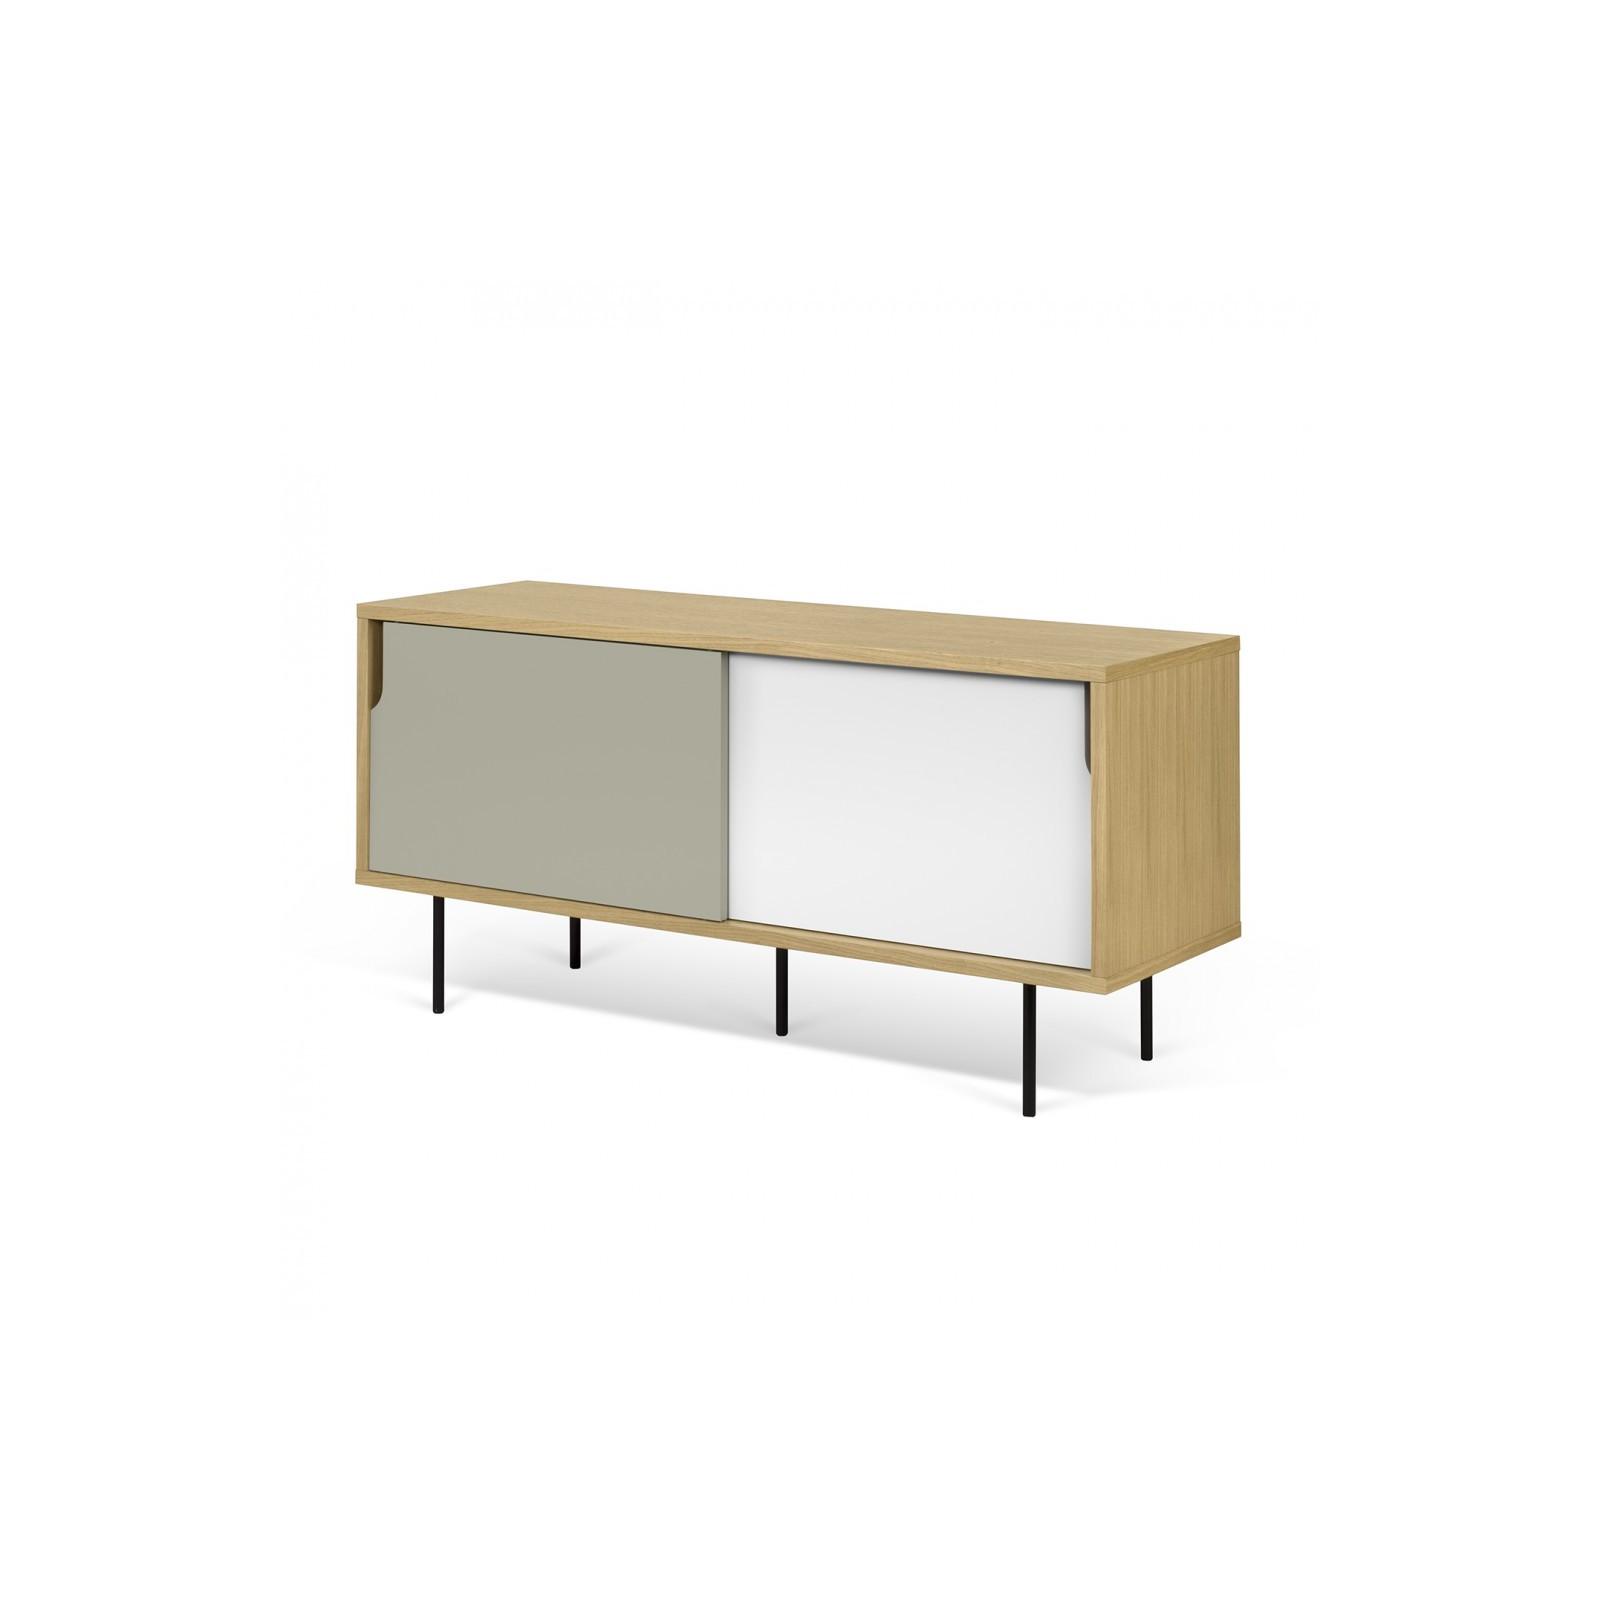 Meuble tv danois blanc et gris arne concept for Meuble tv design blanc et gris